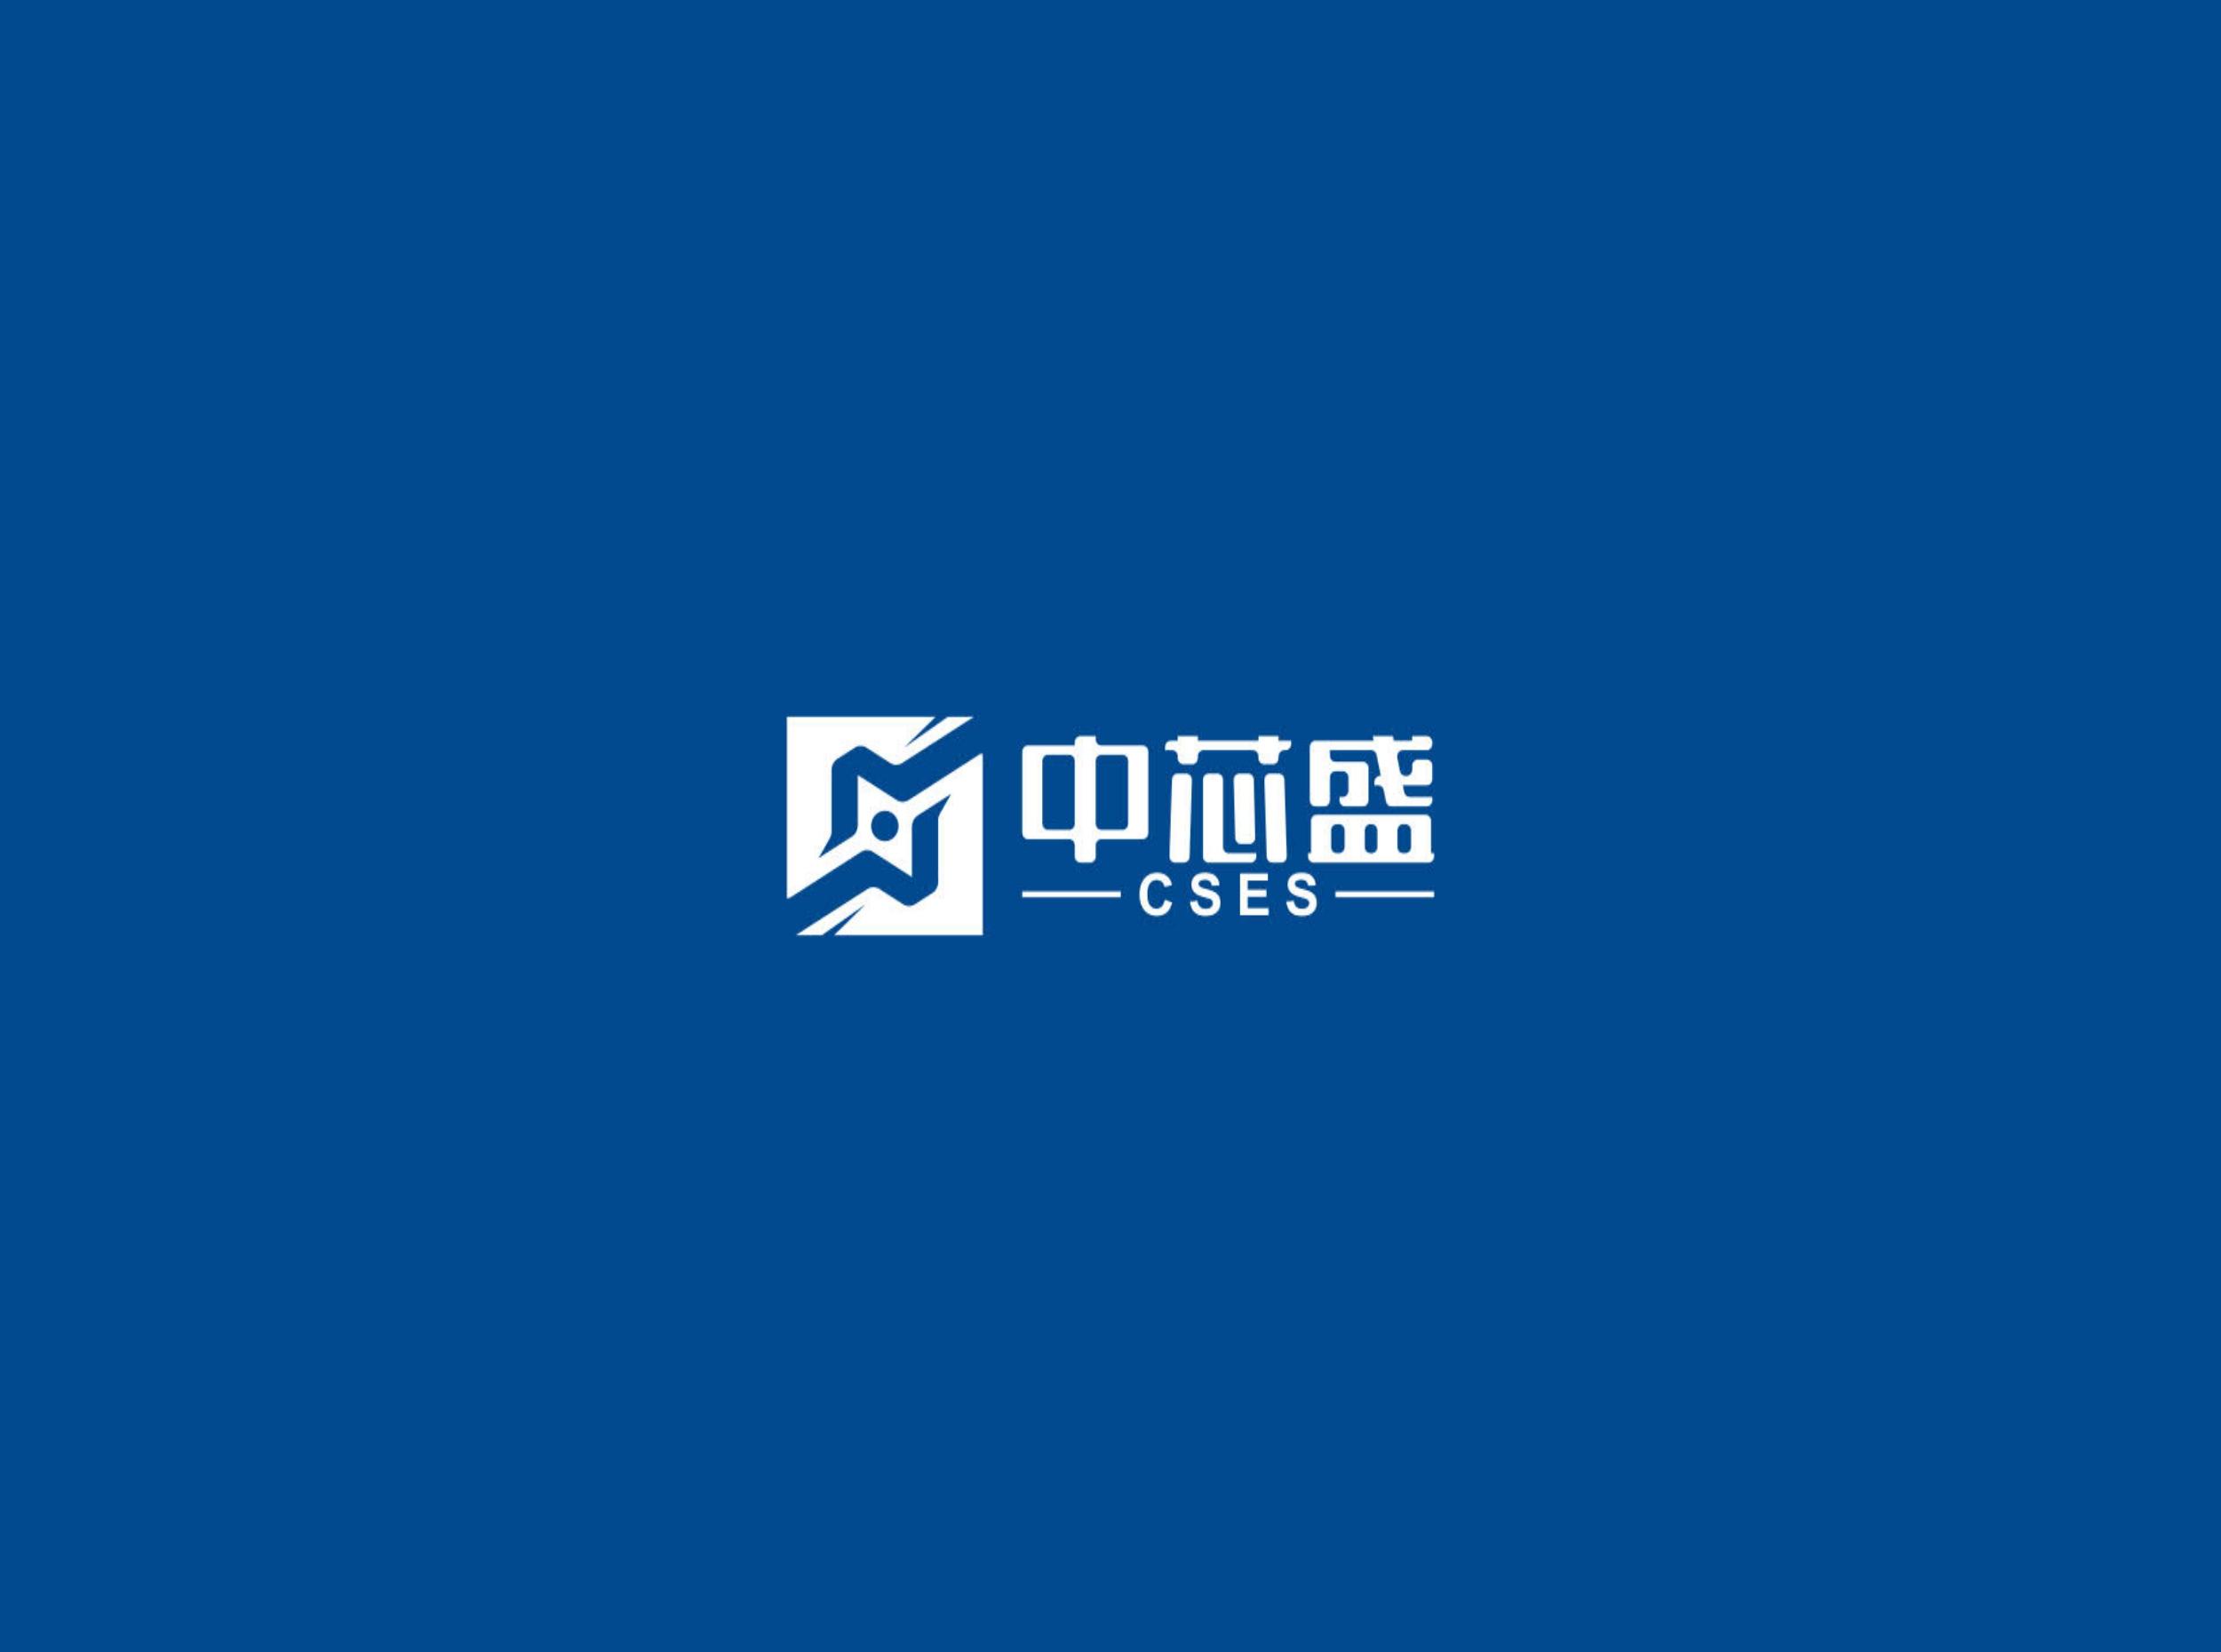 上海中芯盛半导体设备有限公司5